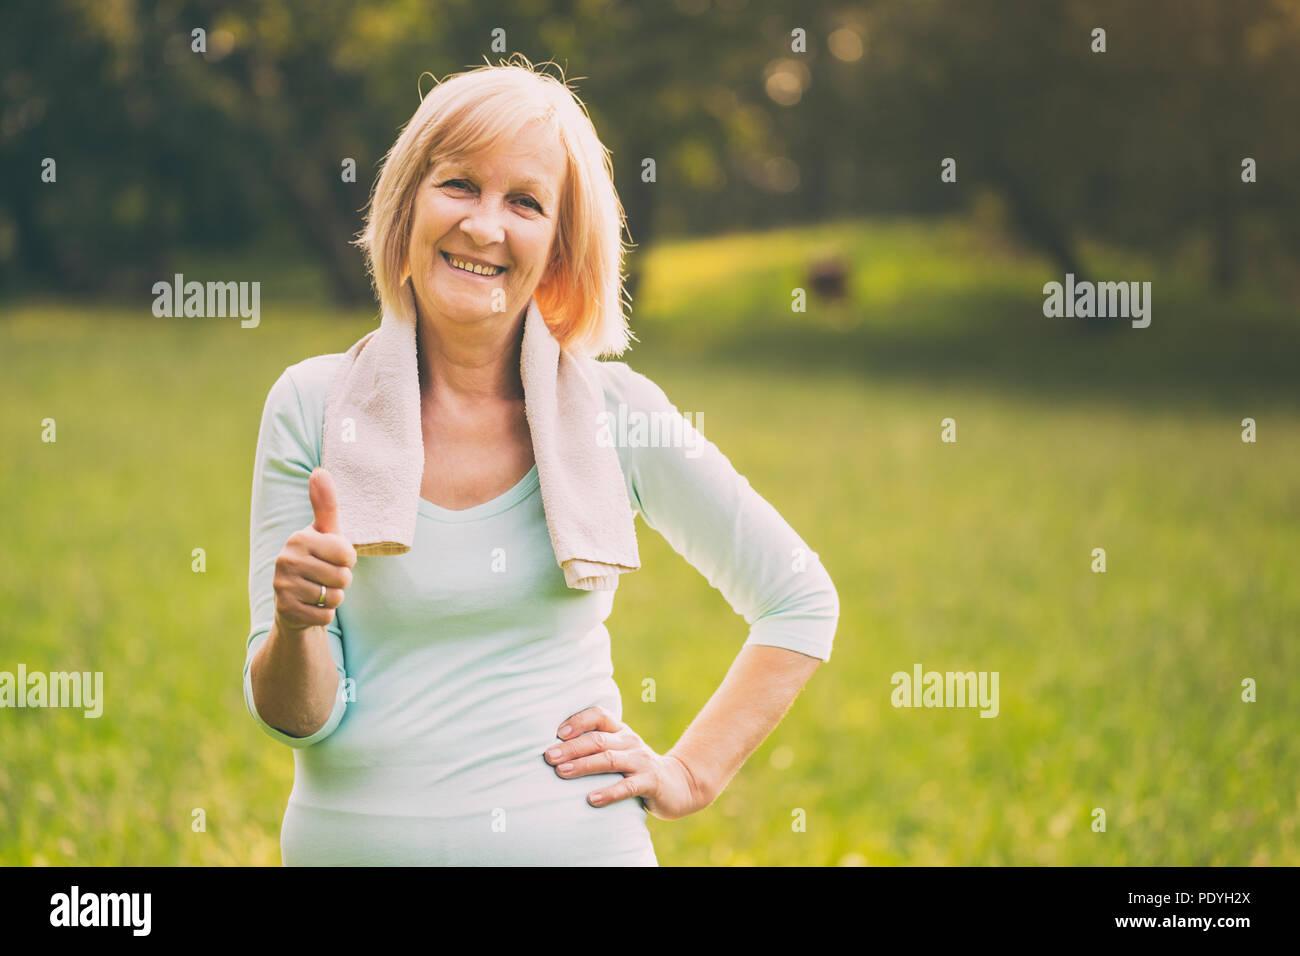 Retrato de mujer senior deportivo mostrando el pulgar hacia arriba y de pie en la naturaleza.Imagen es intencionalmente tonificado. Imagen De Stock